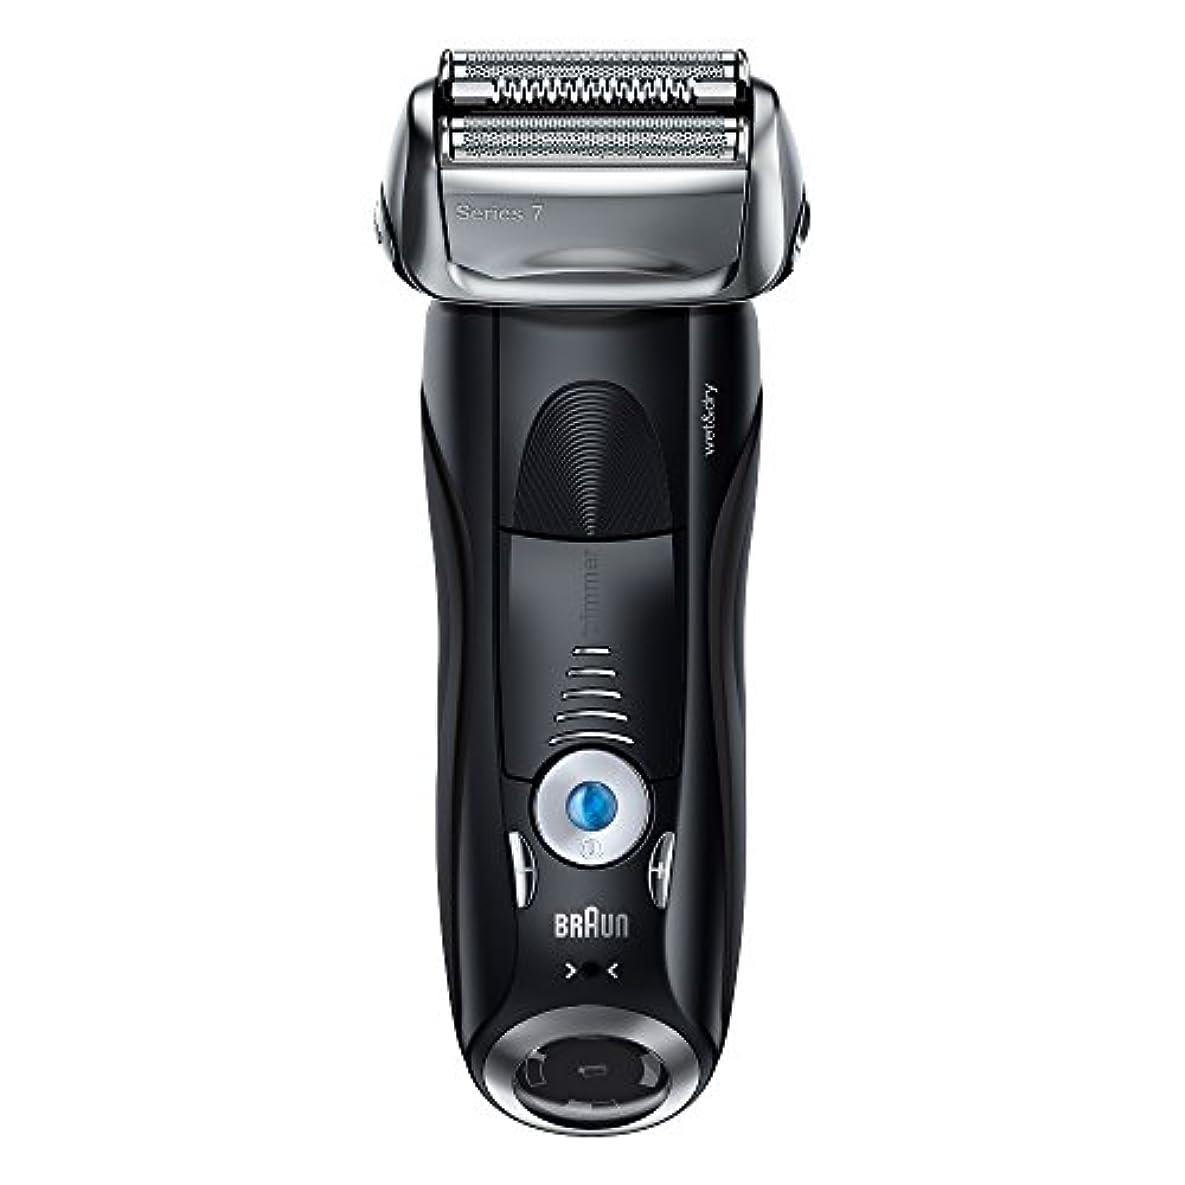 証明伸ばす今日ブラウン メンズ電気シェーバー シリーズ7 7842s 4カットシステム 水洗い/お風呂剃り可